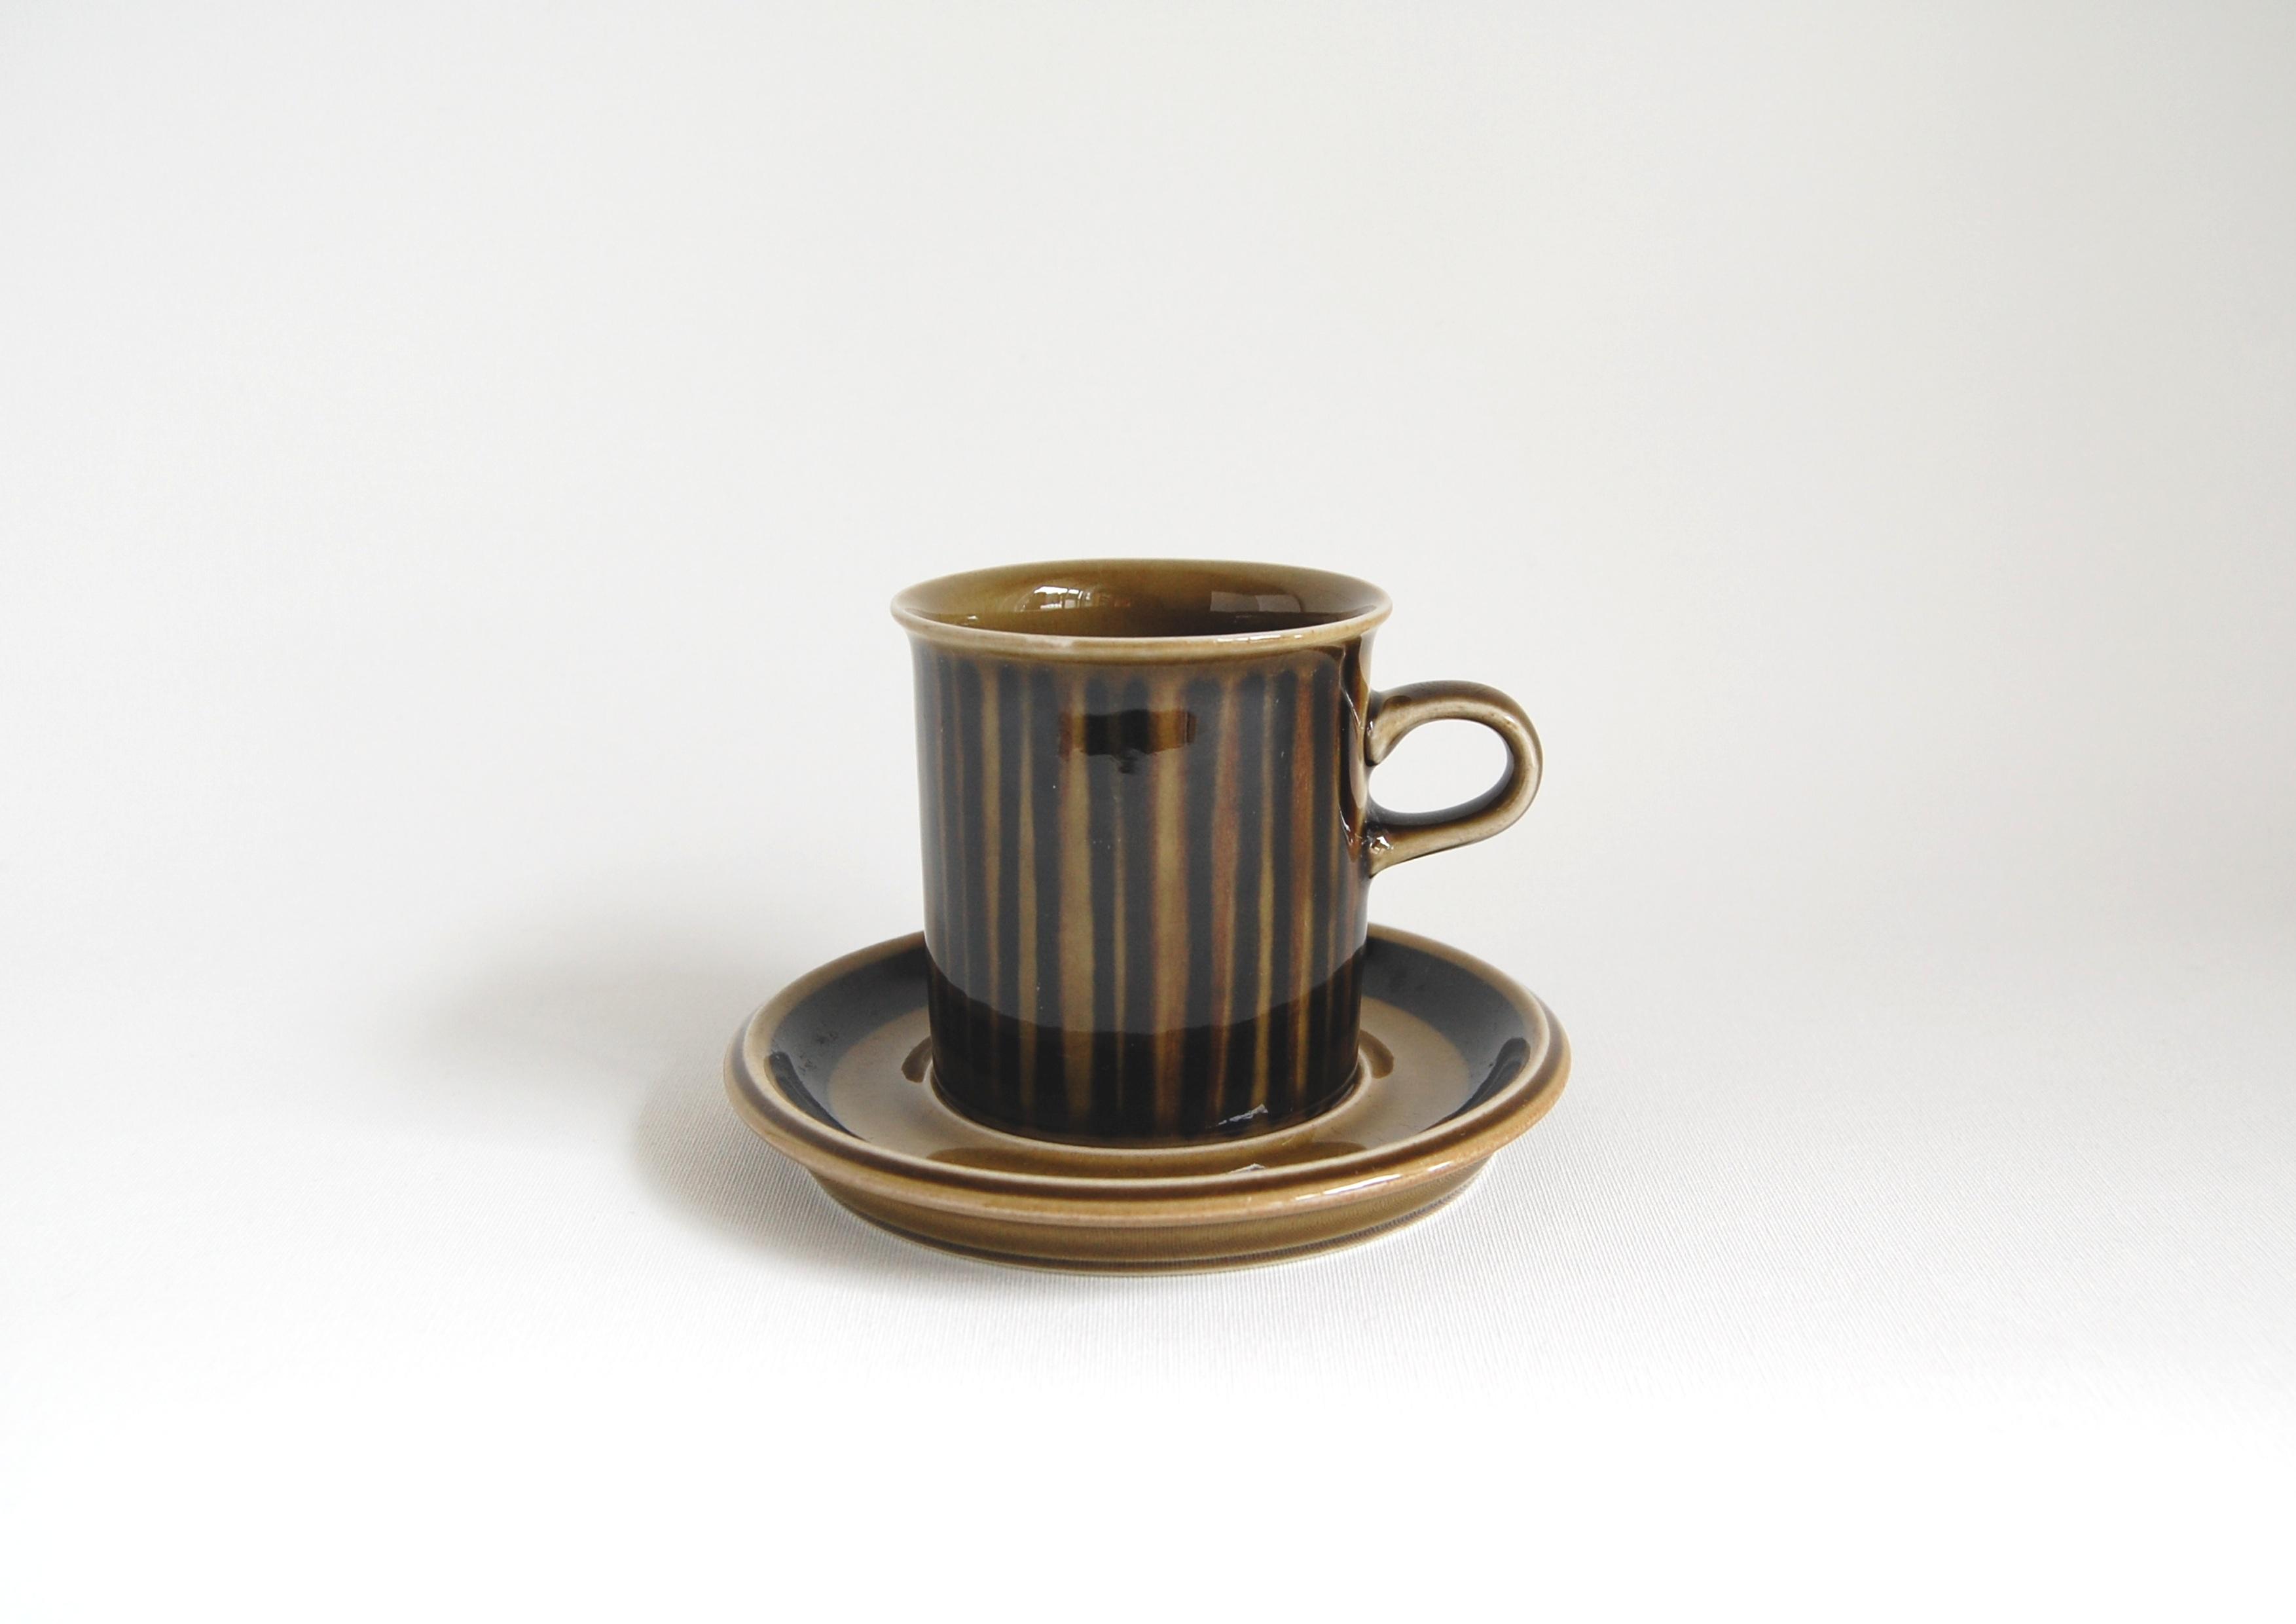 ARABIA/アラビア Kosmos/コスモス コーヒーカップ&ソーサー 001